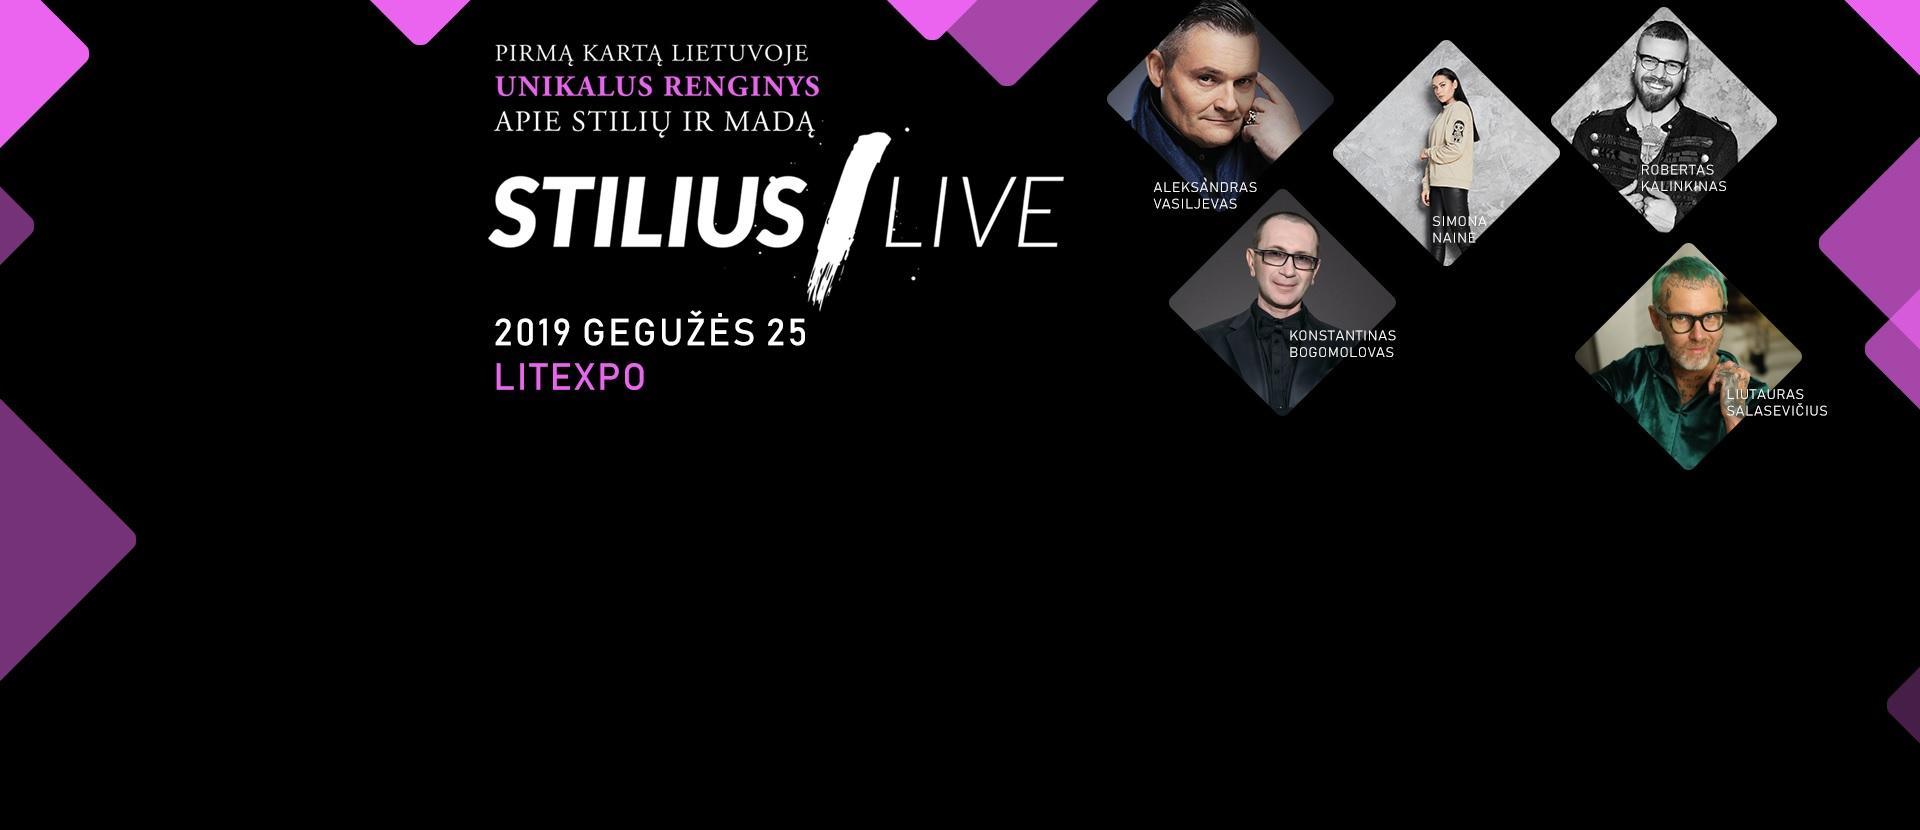 """Renginys apie stilių ir madą """"STILIUS LIVE"""""""